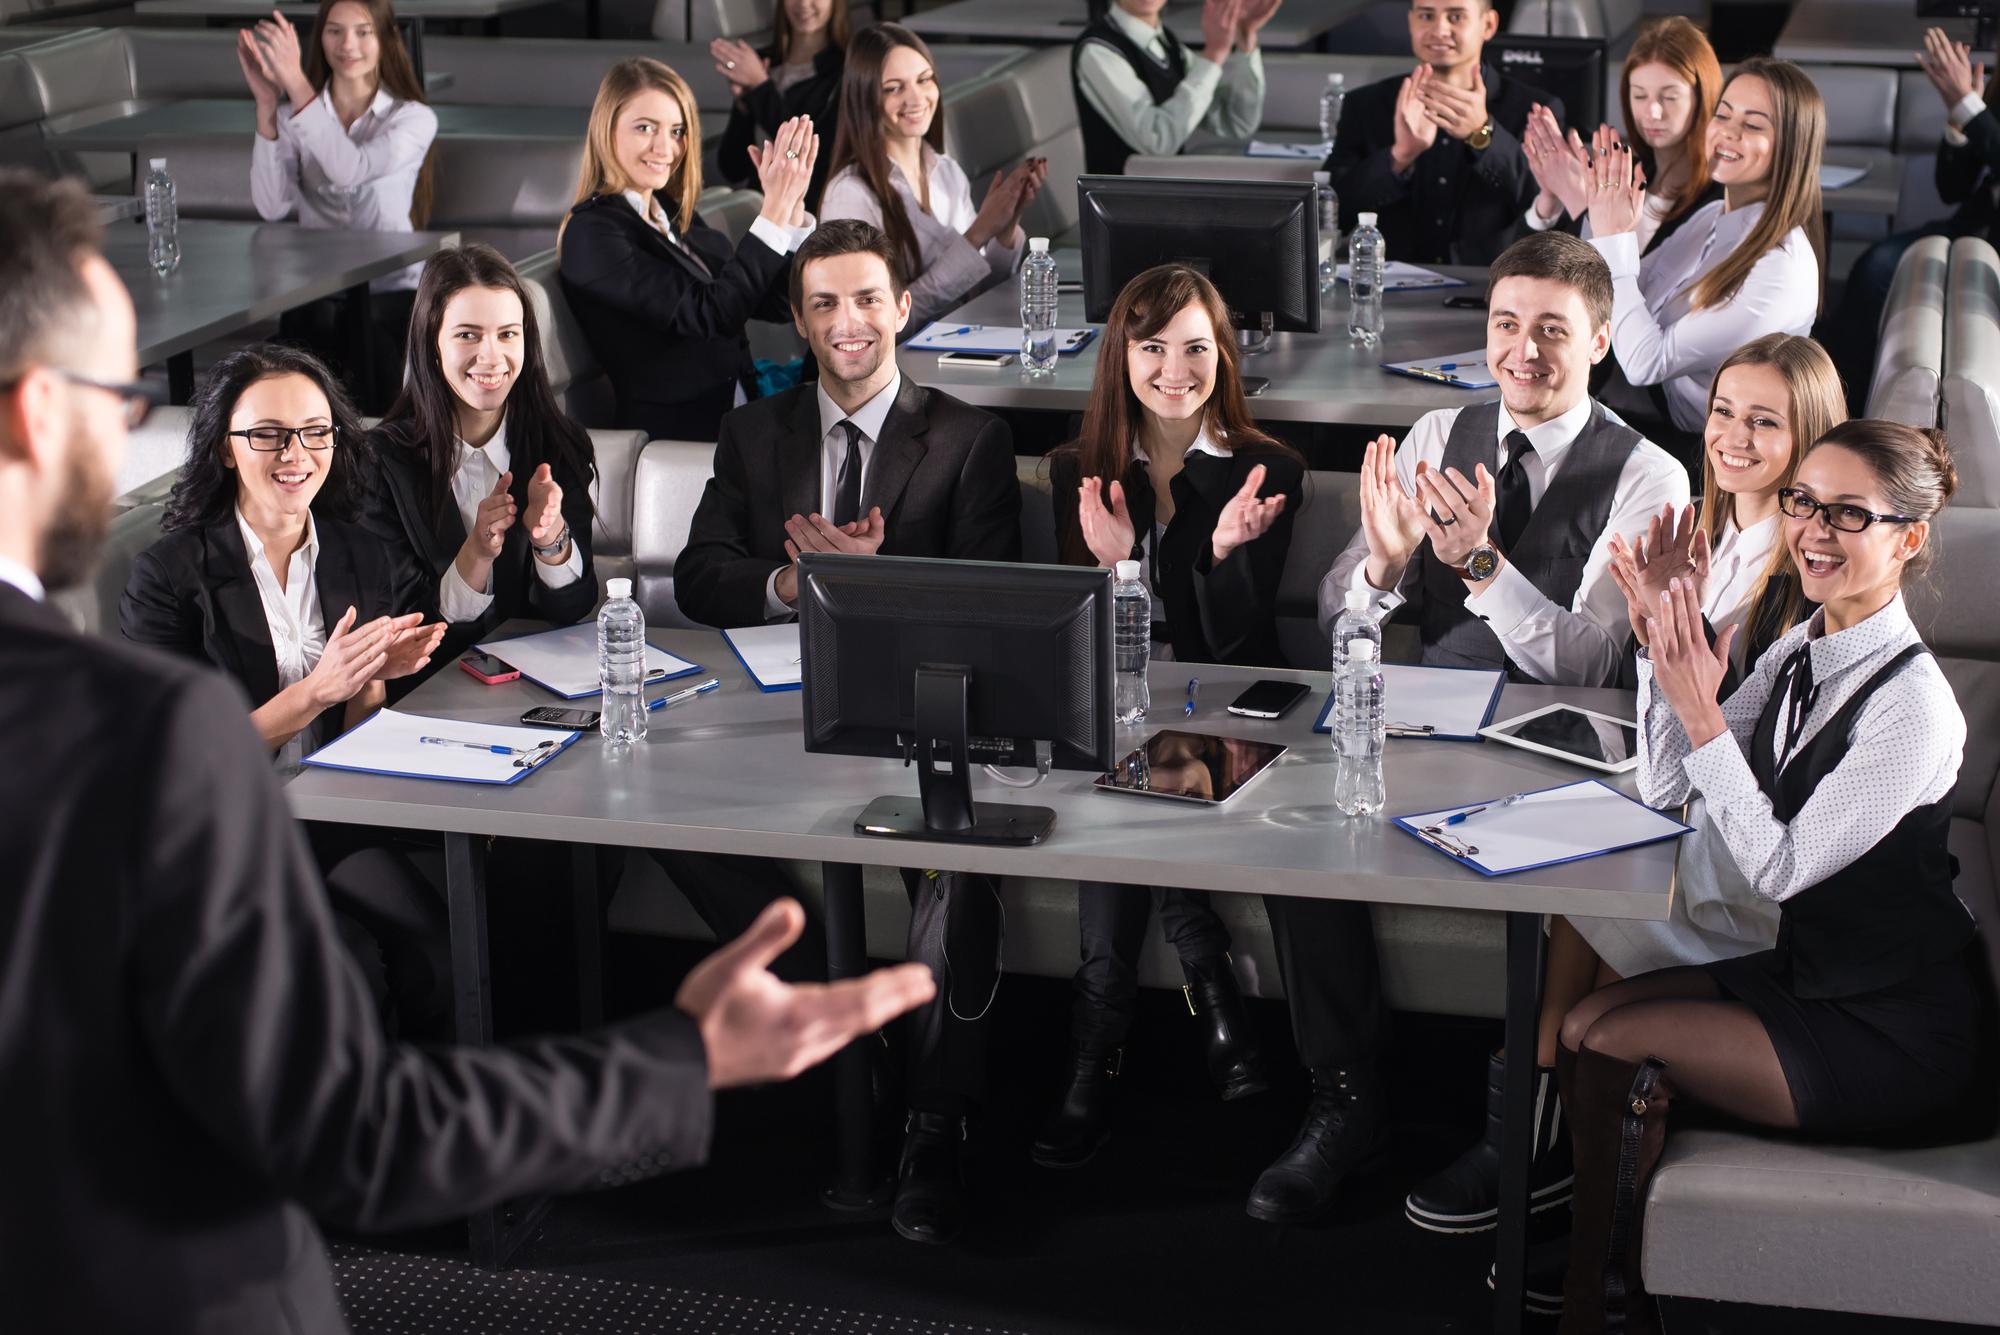 Practique su compromiso de hablar en público en el lugar con anticipación.